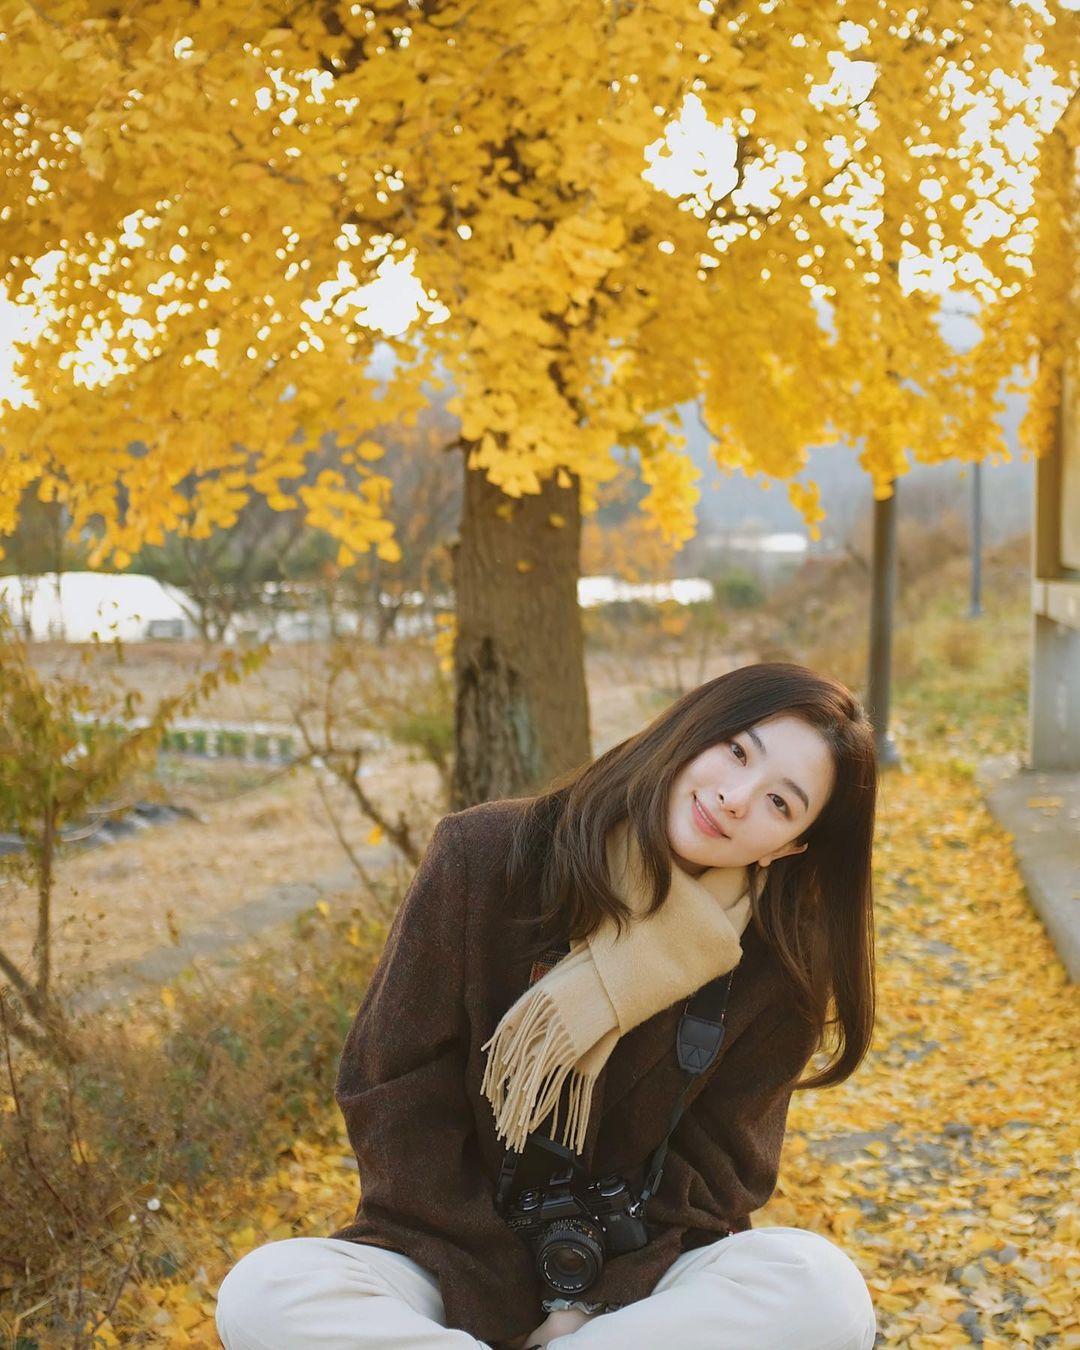 Sao Hàn đã rục rịch diện toàn khăn len đẹp ngất, các nàng còn không mau vào tham khảo cách phối đi nào - Ảnh 5.